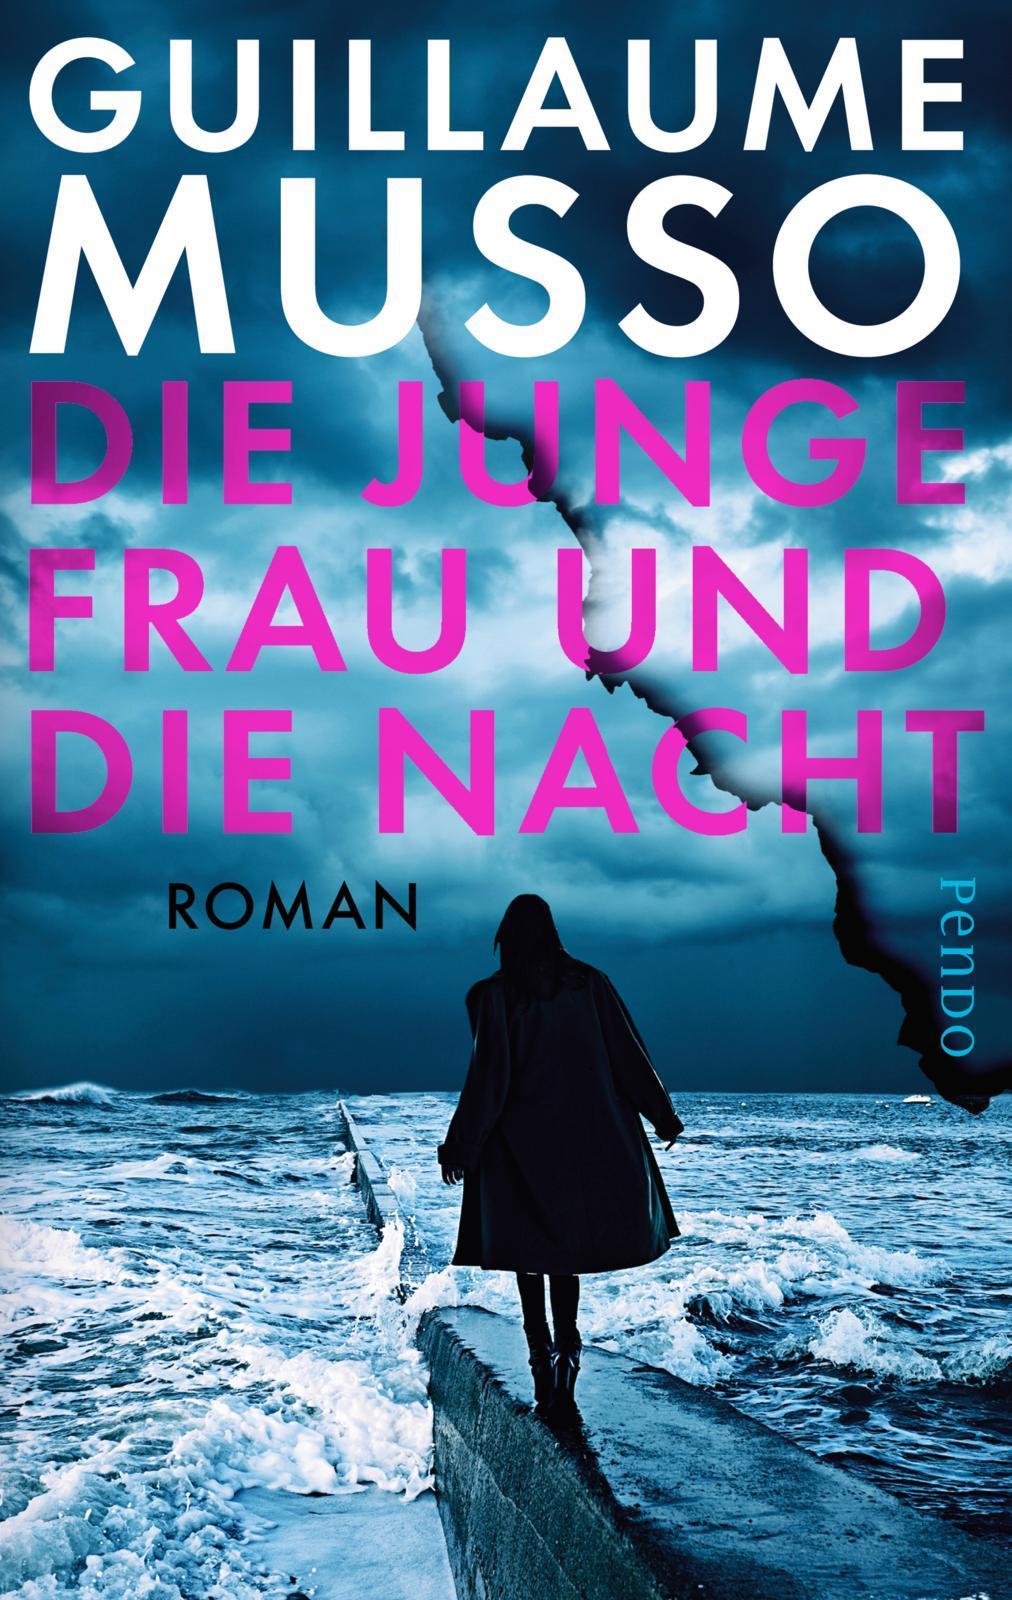 Guillaume Musso: Die junge Frau und die Nacht. Copyright: beim Verlag.